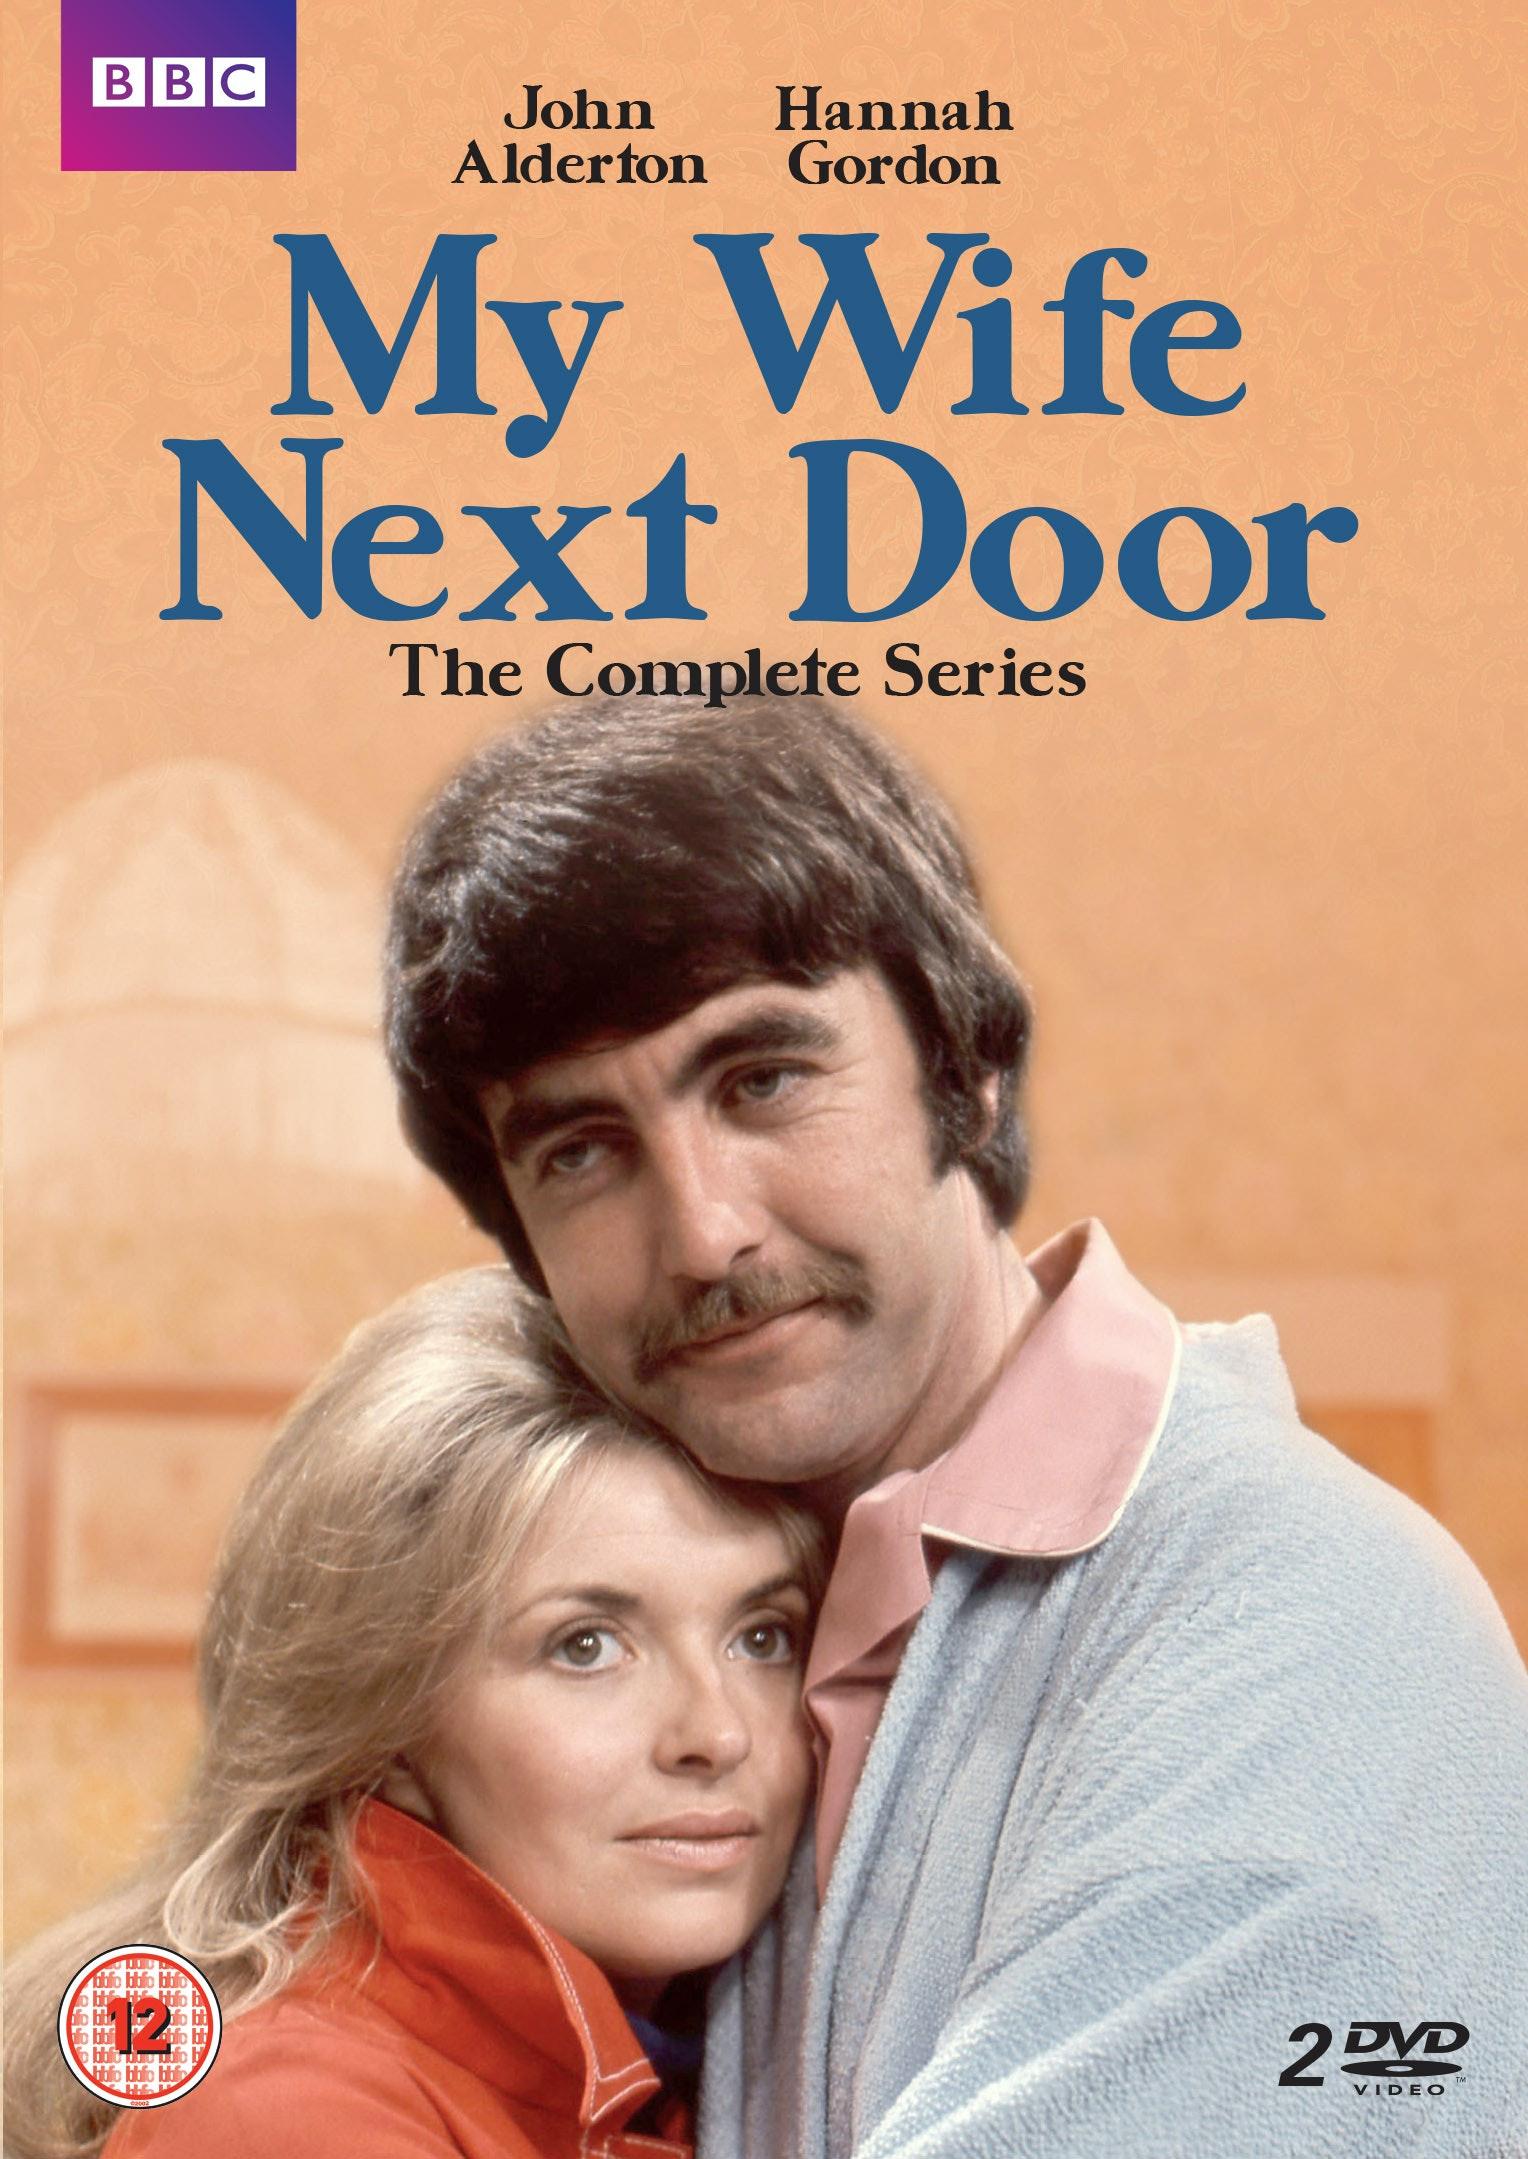 My Wife Next door DVD sweepstakes